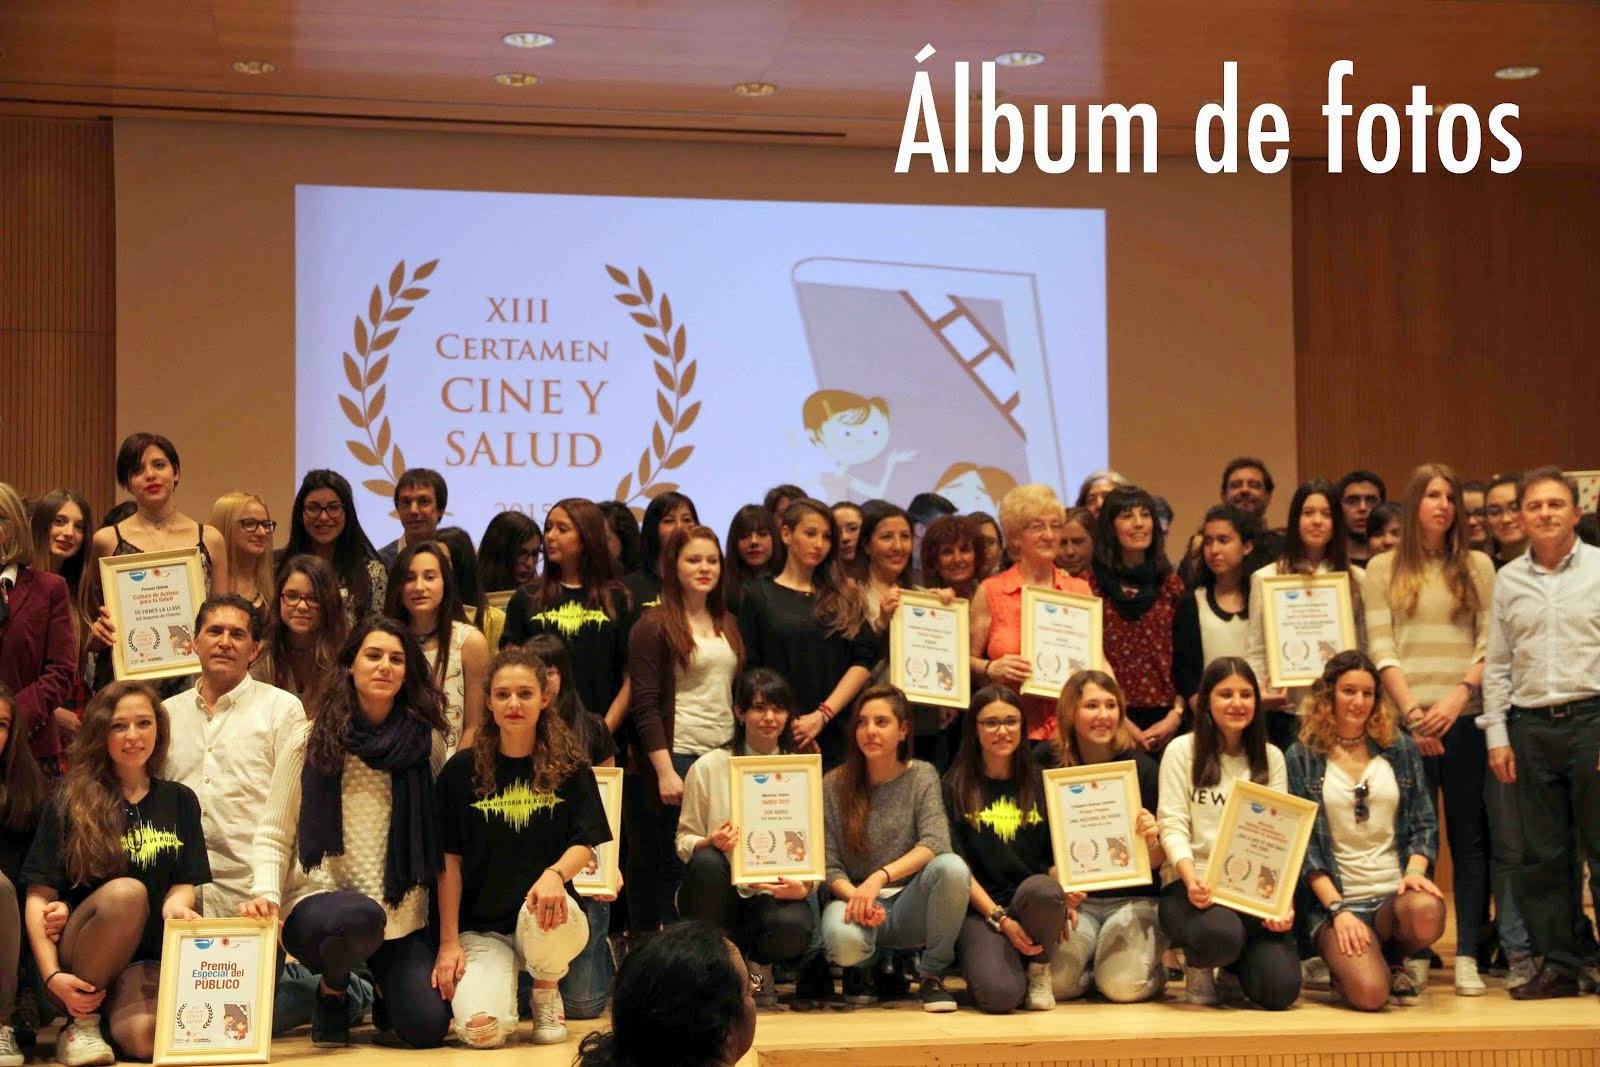 Álbum de fotos XIII Certamen Cine y Salud